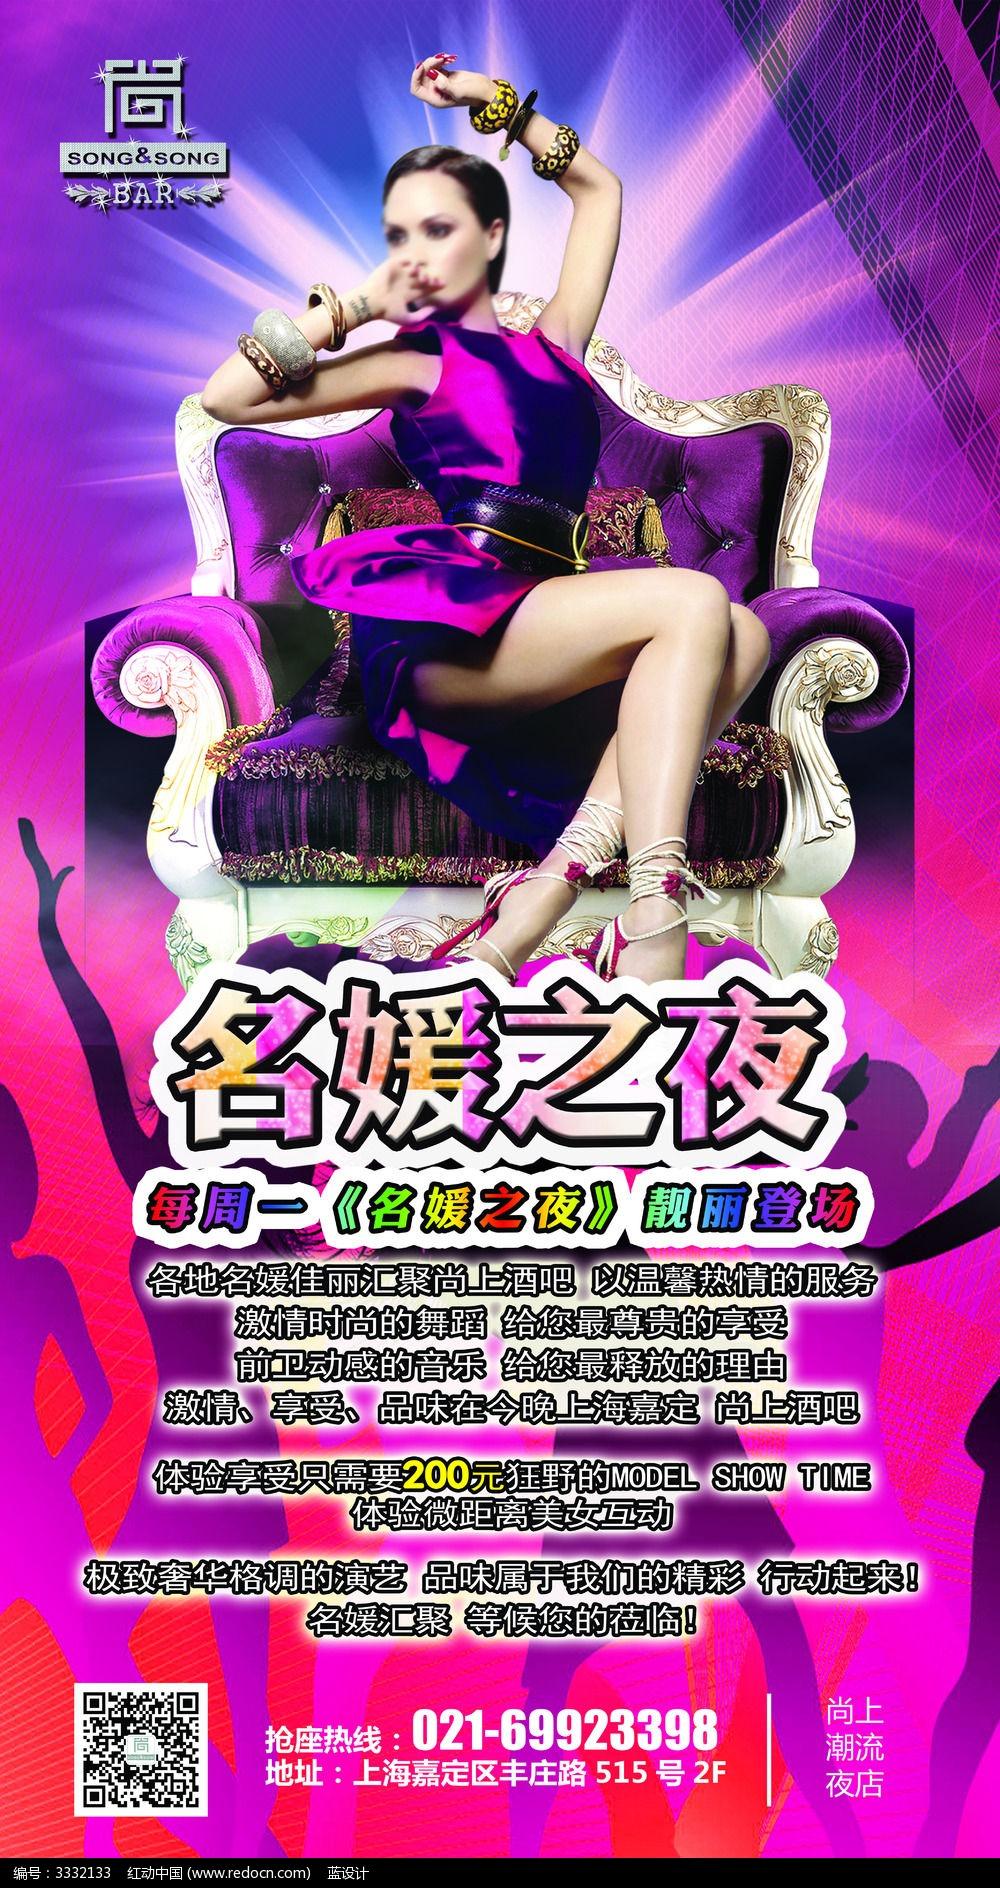 名媛之夜酒吧海报图片